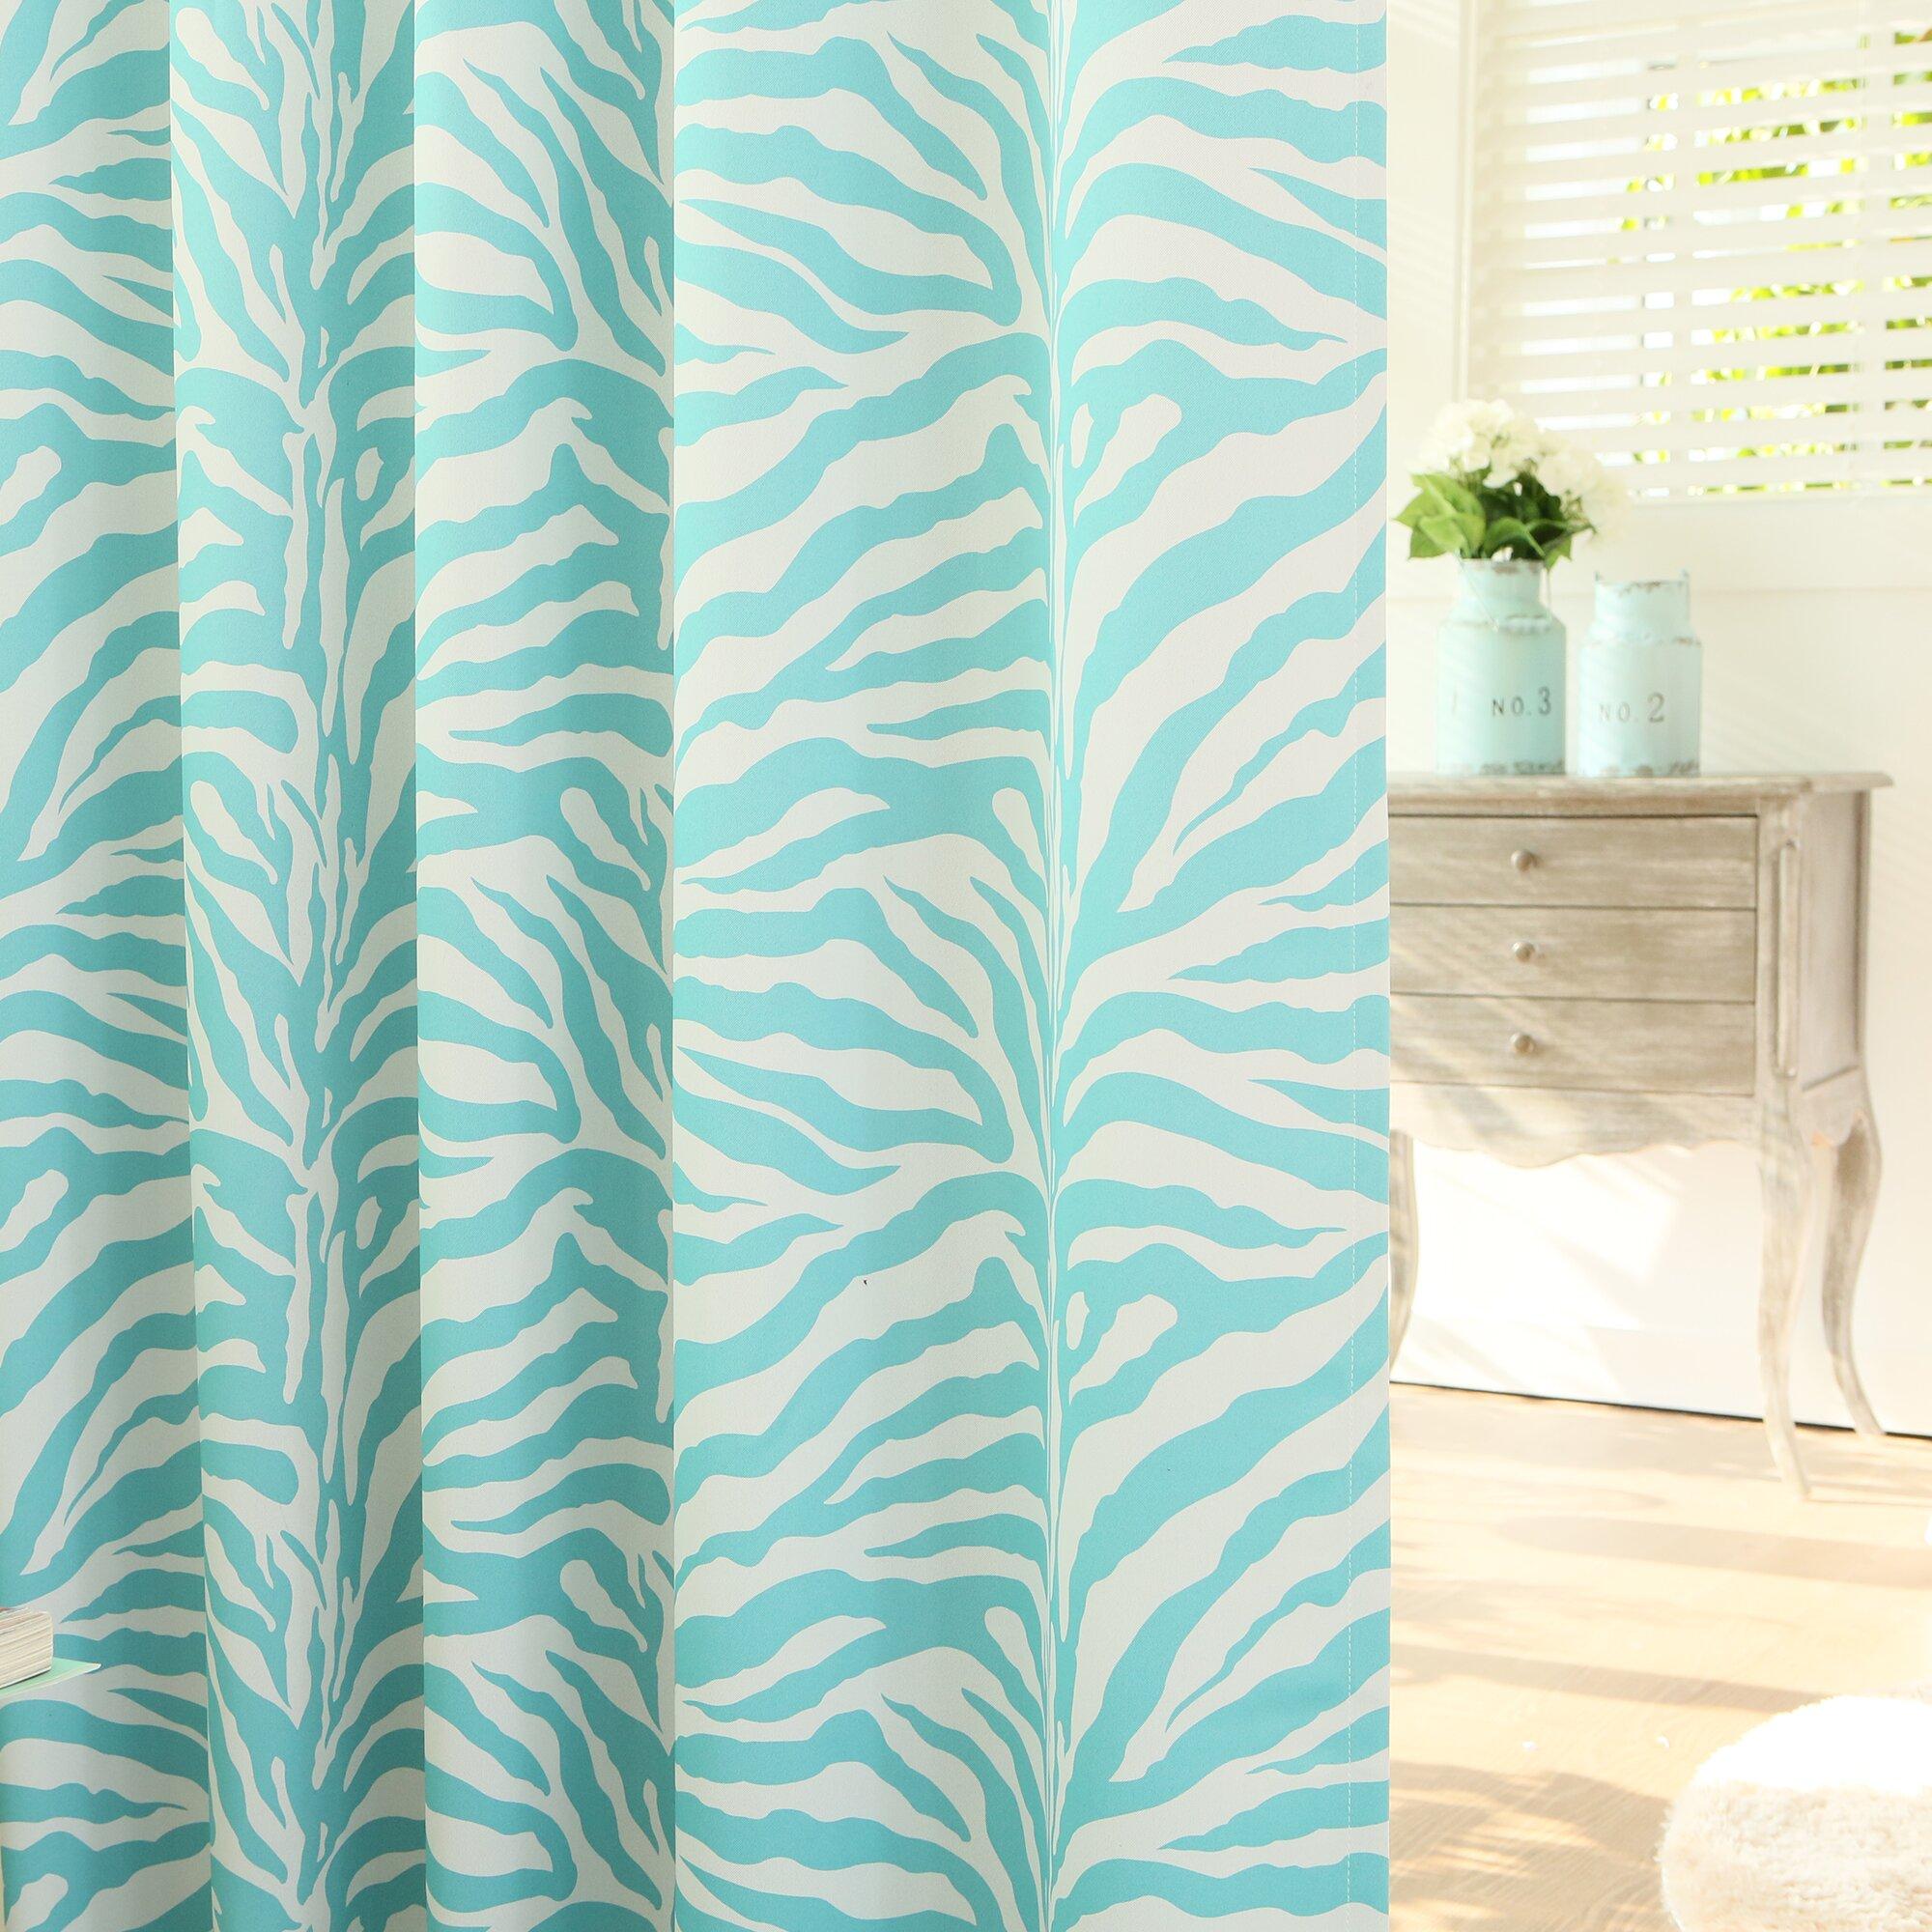 Best Home Fashion Inc Zebra Room Grommet Top Darkening